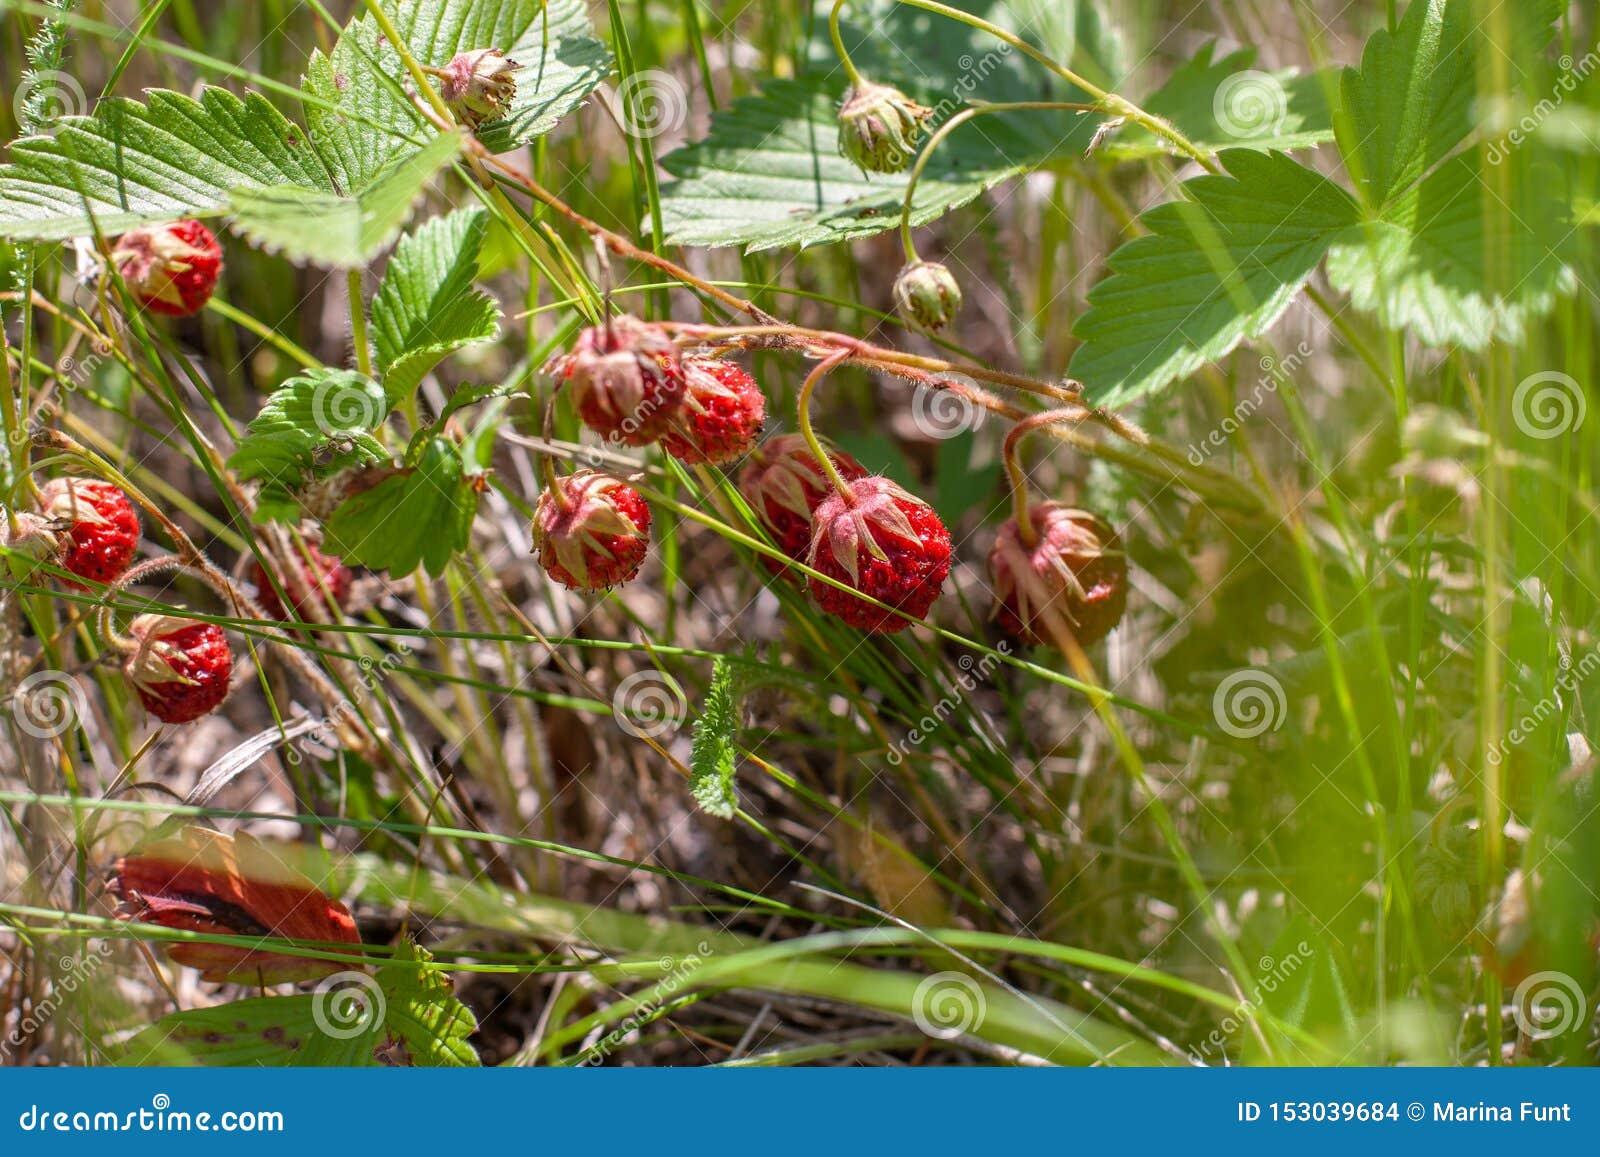 Поле клубники растет среди зеленой травы r